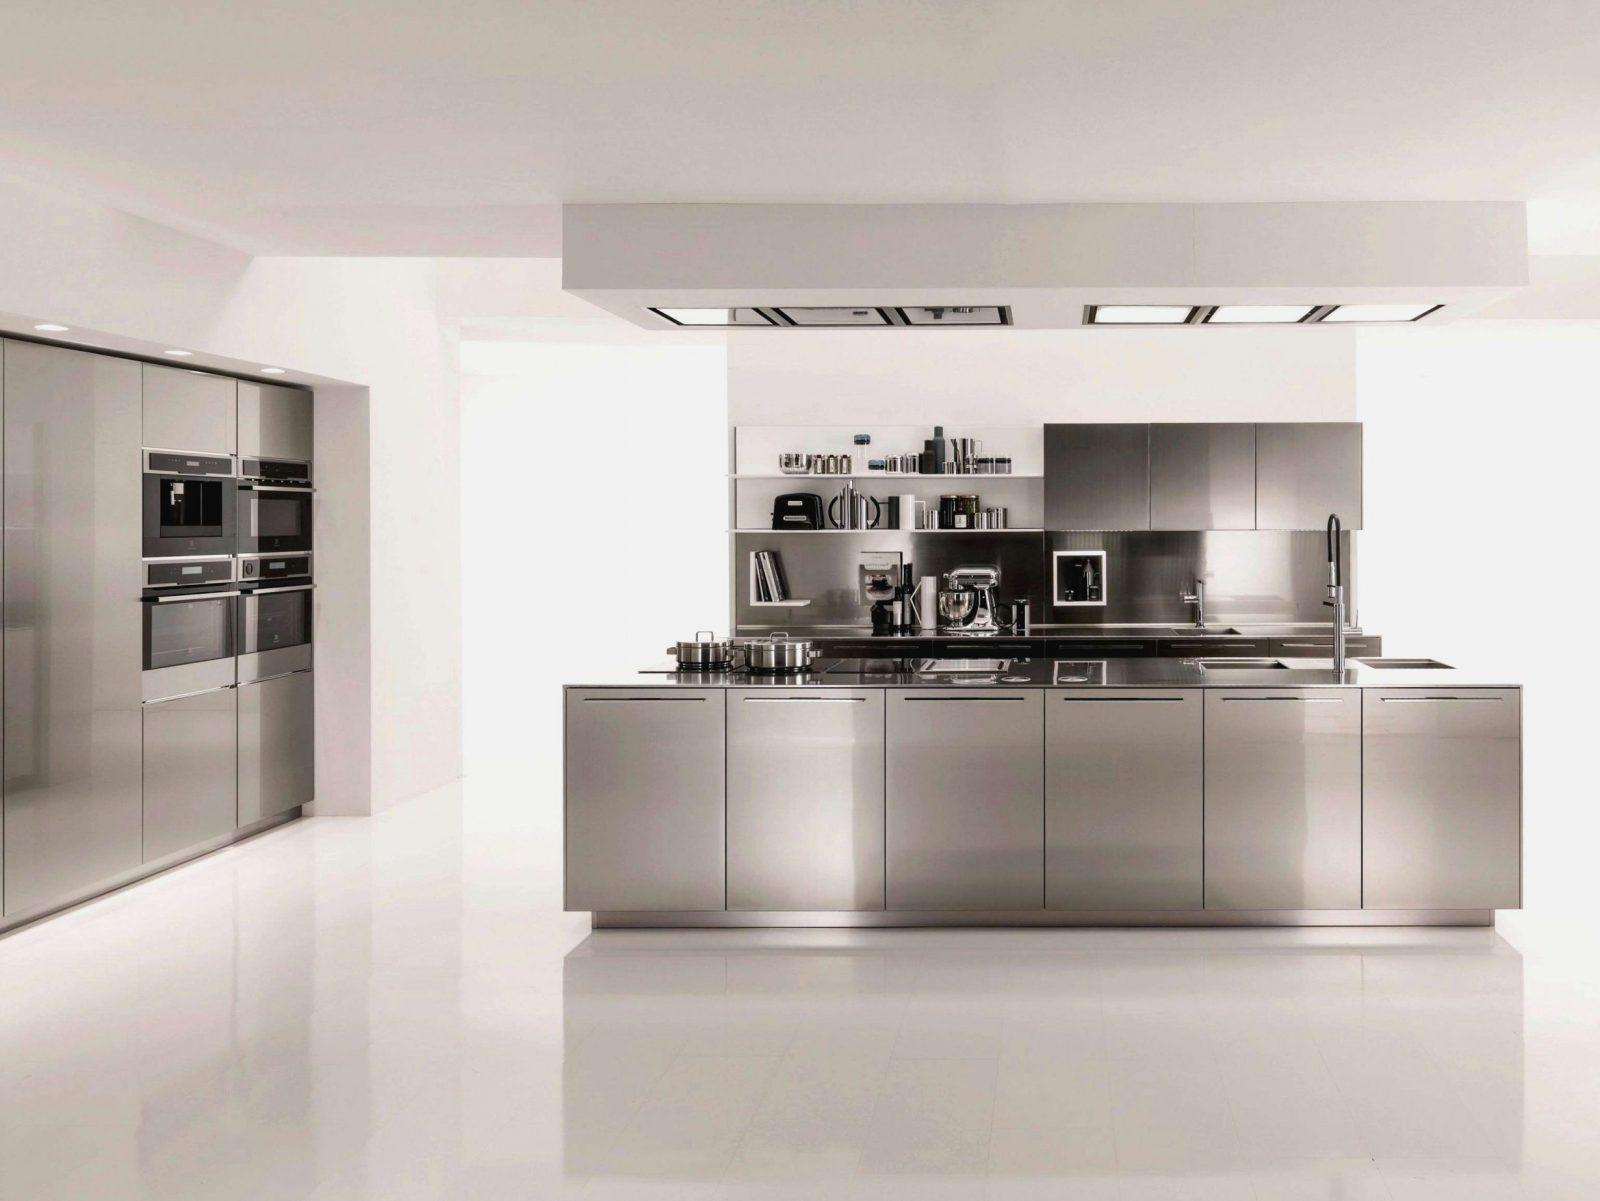 59 Schön Fene Küche Wohnzimmer Abtrennen Konzept Von Offene Küche von Offene Küche Wohnzimmer Abtrennen Bild